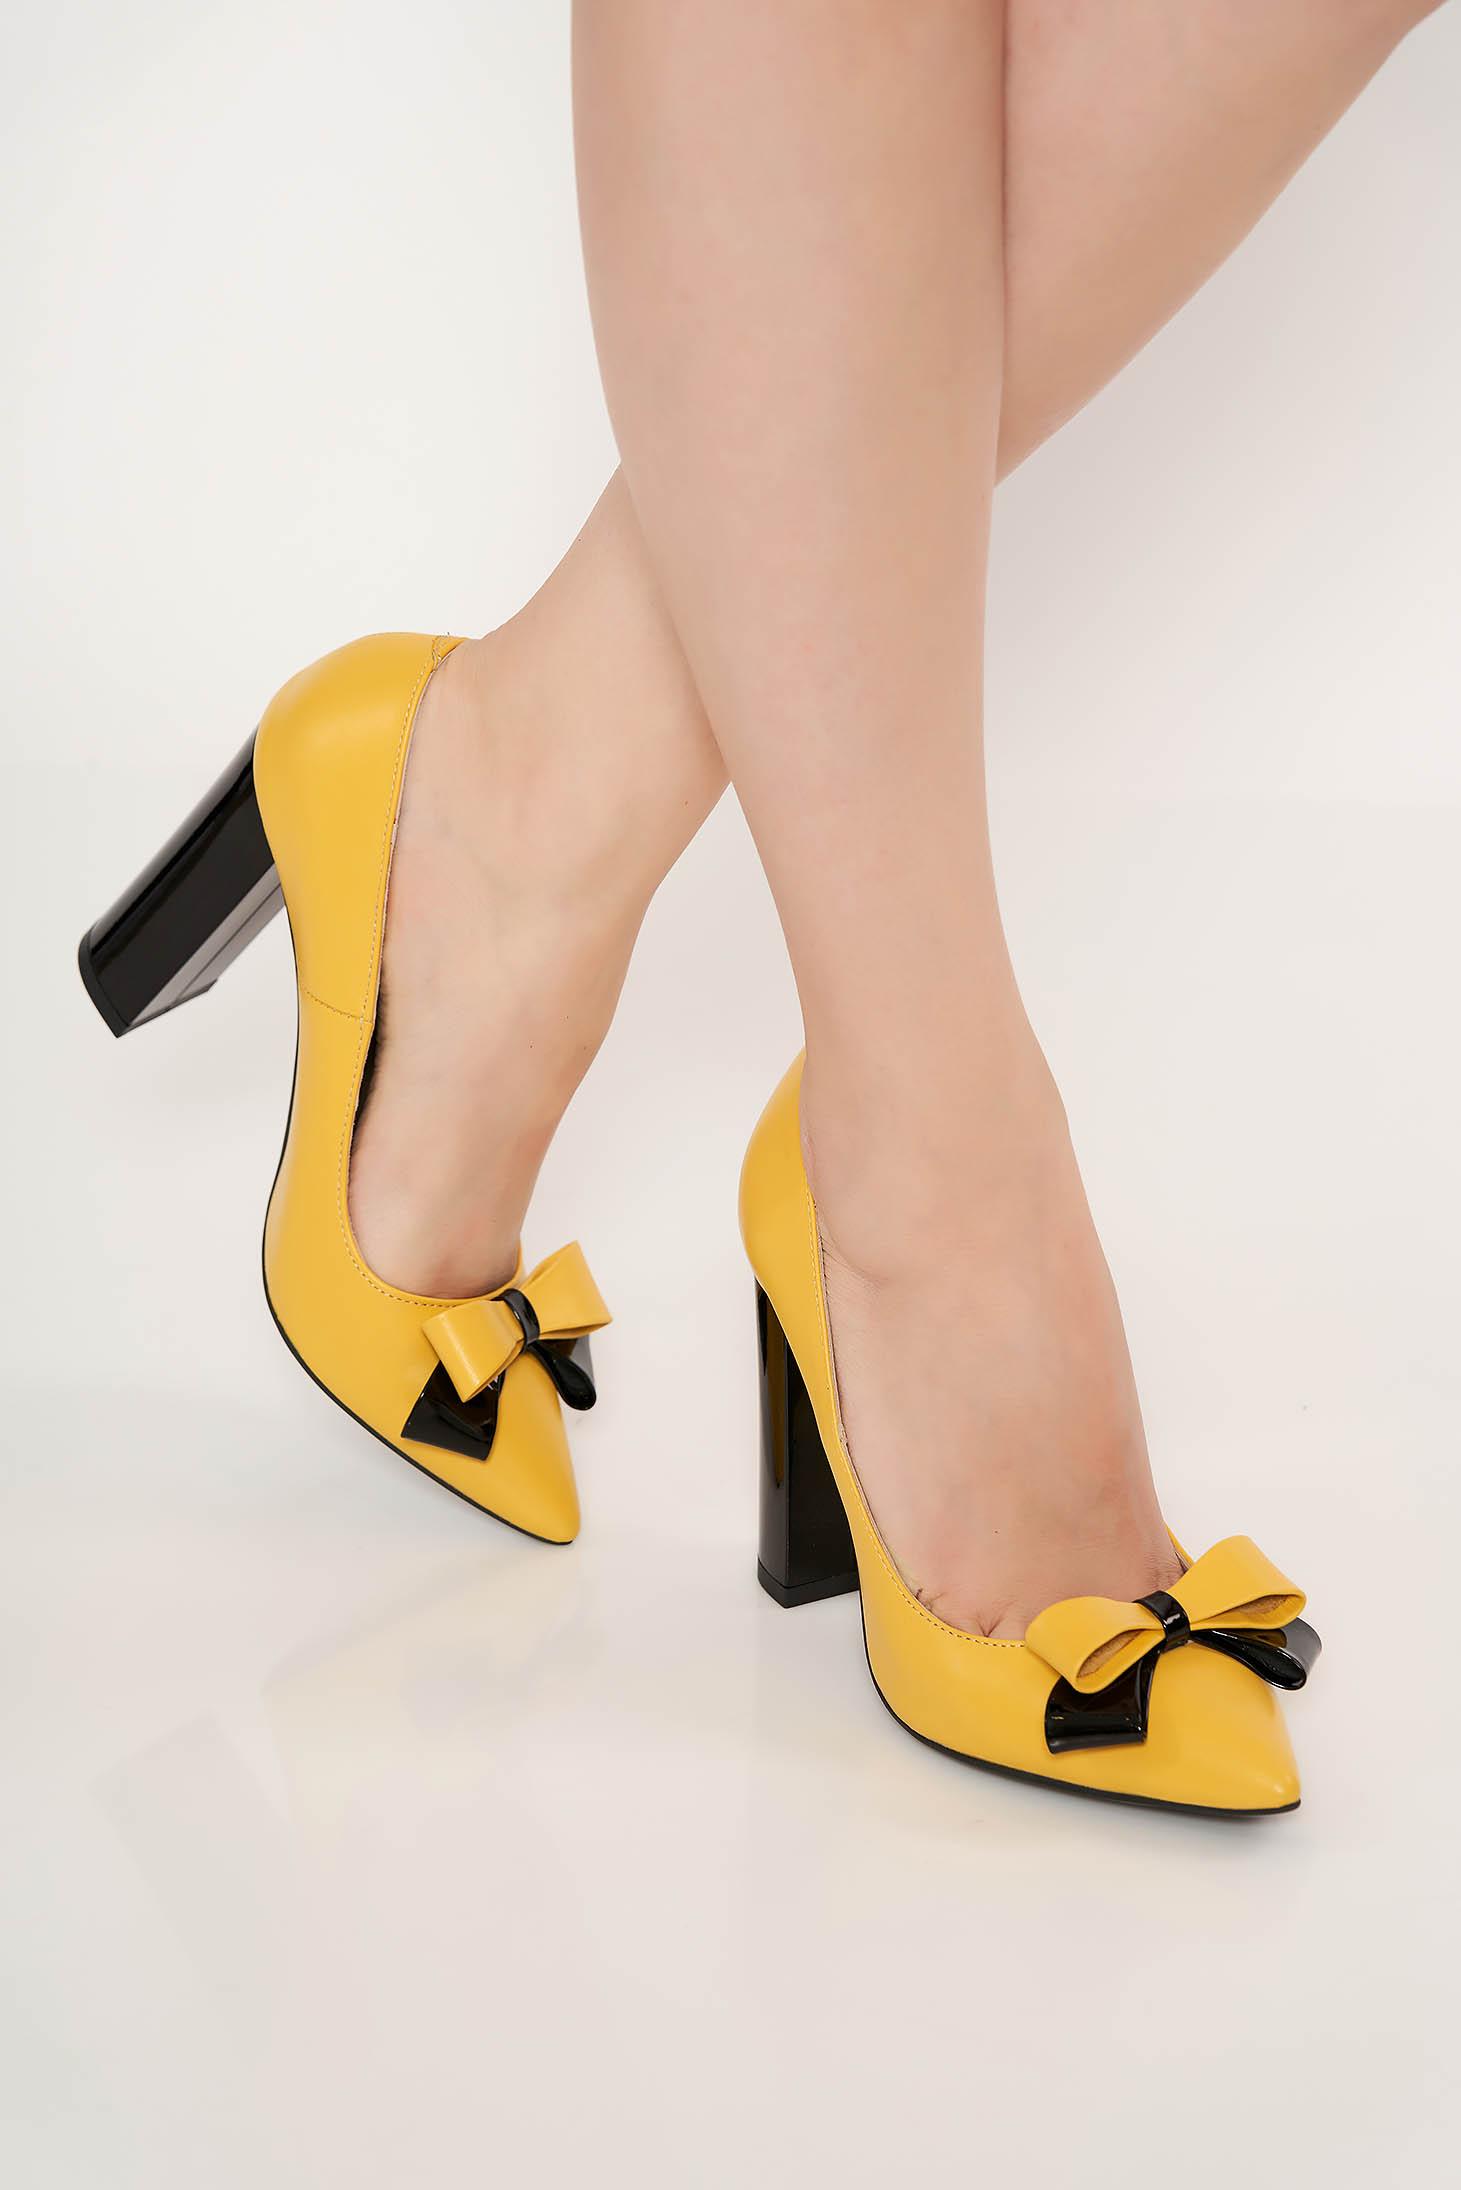 Sárga irodai cipő vastag sarok enyhén hegyes orral masni díszítéssel